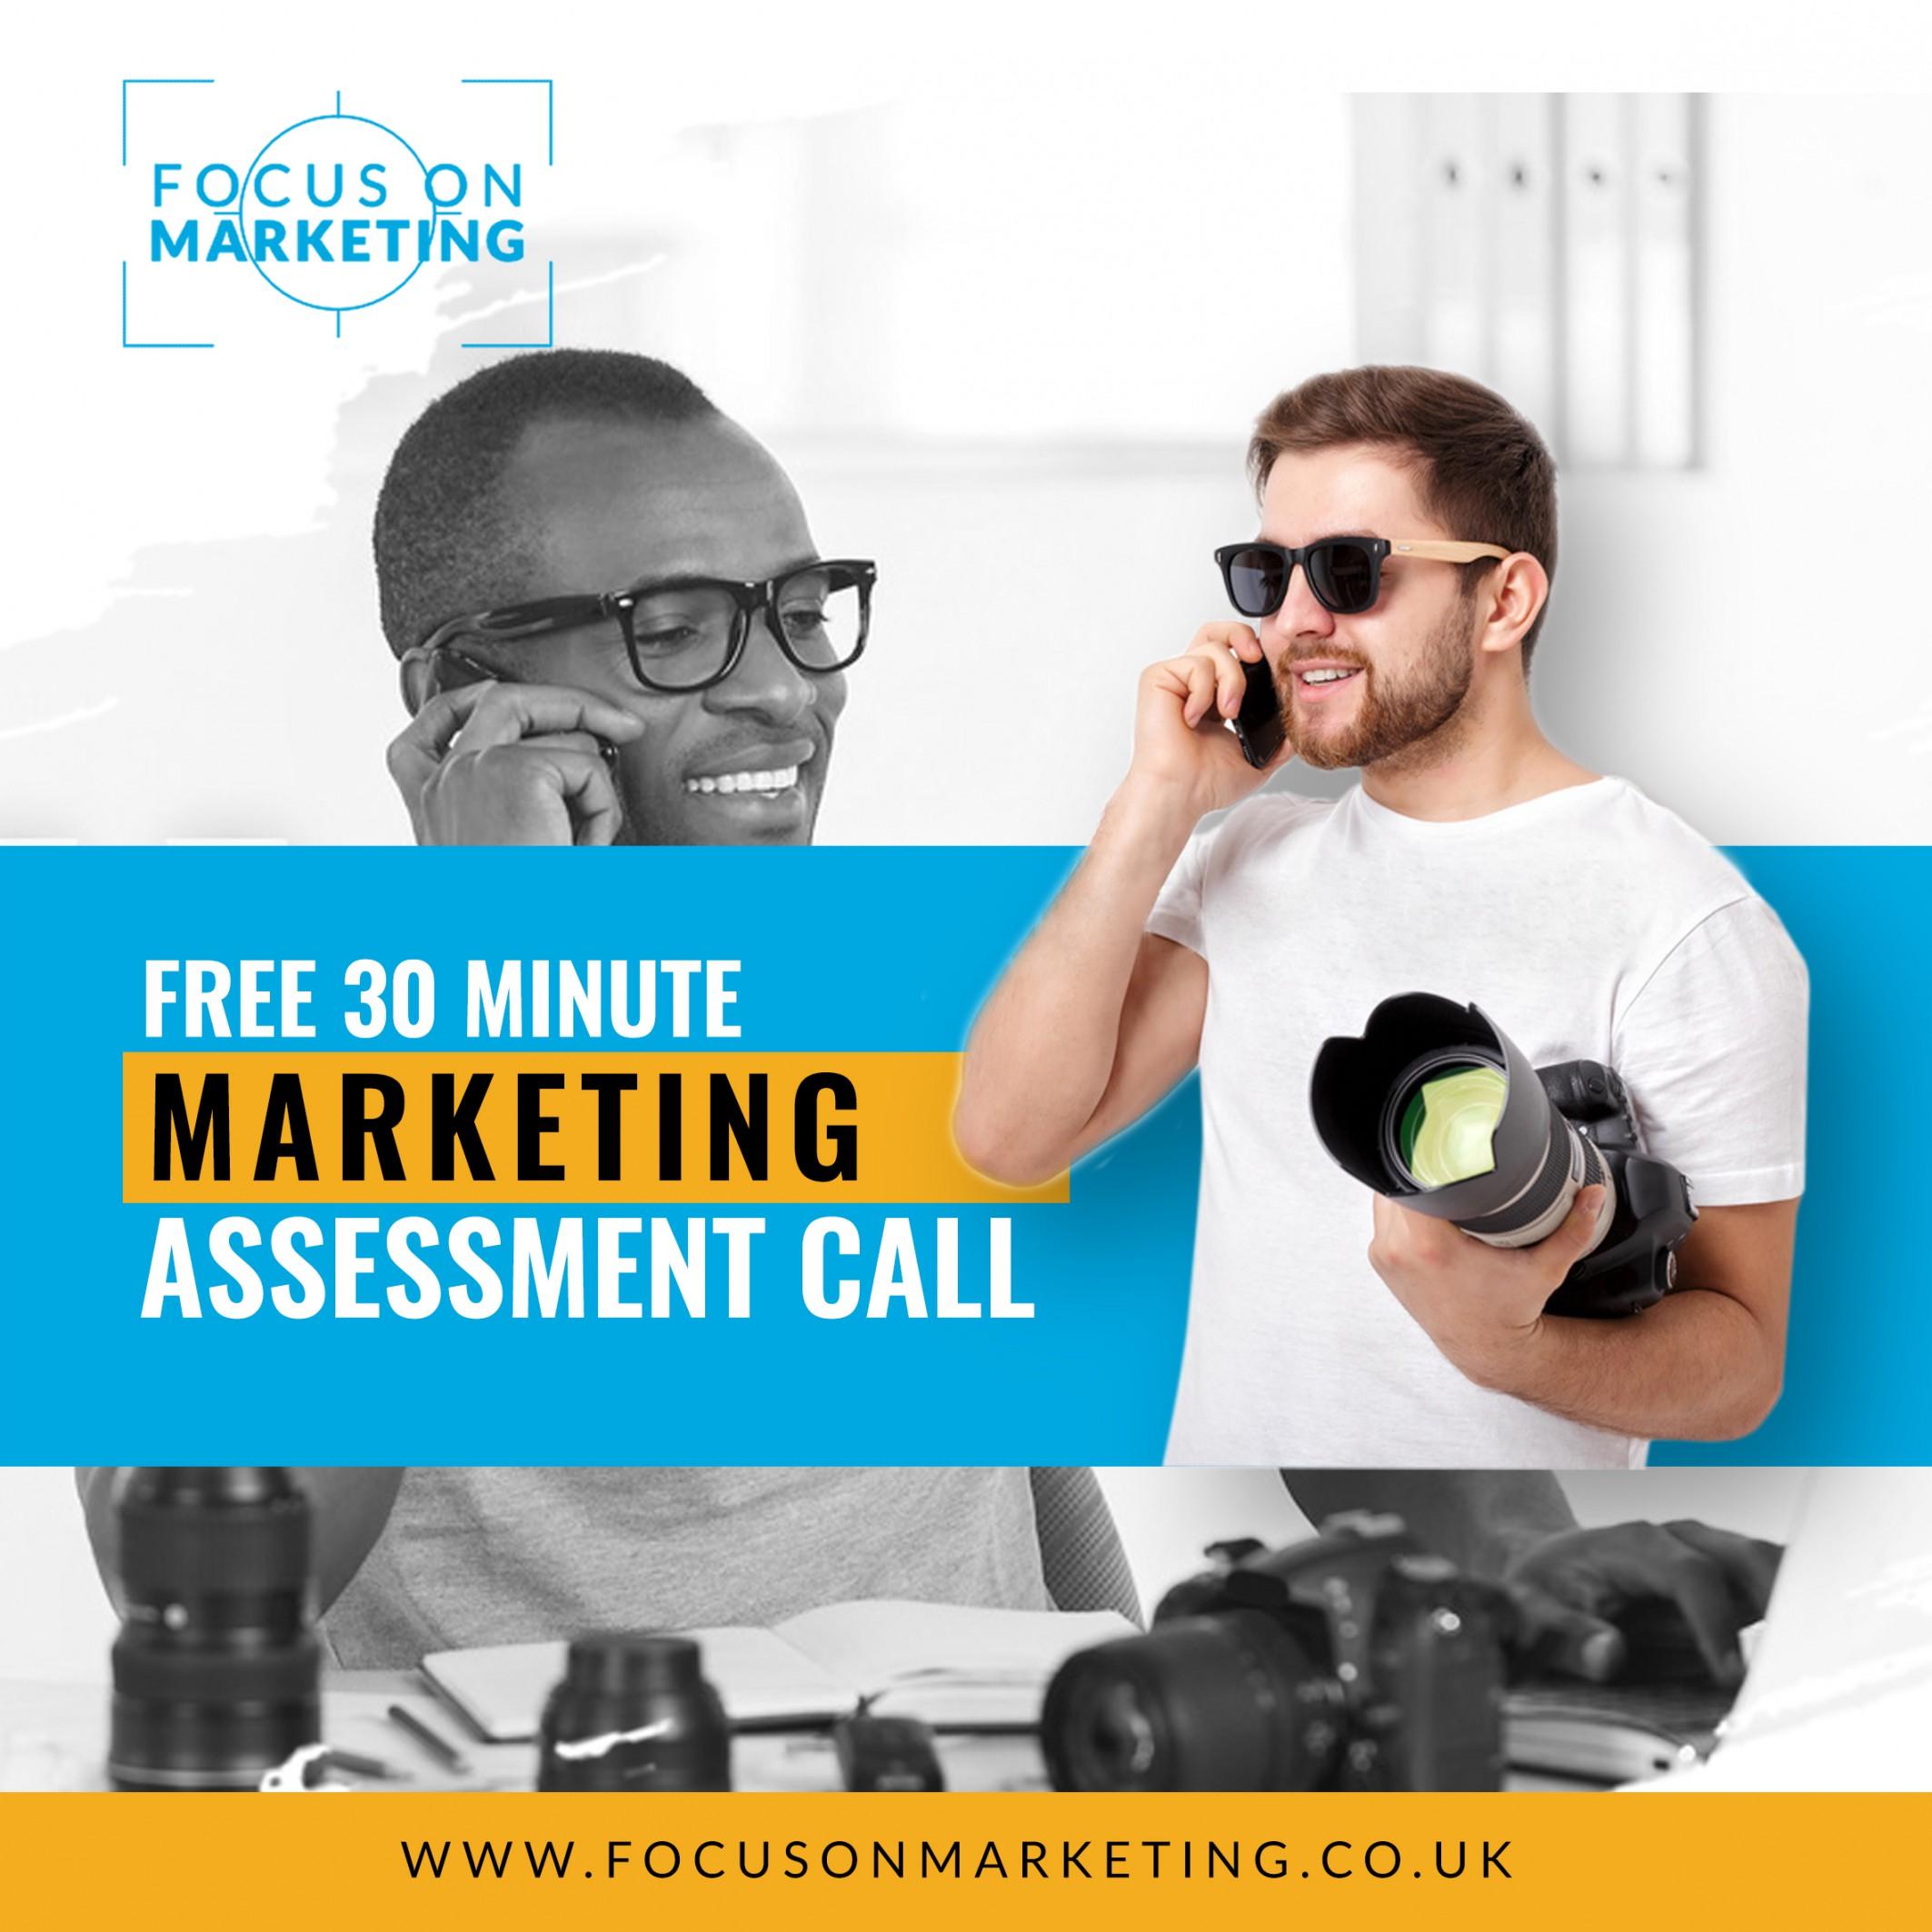 FREE_30_minute_Marketing_Assessment_Callsmaller_.jpg